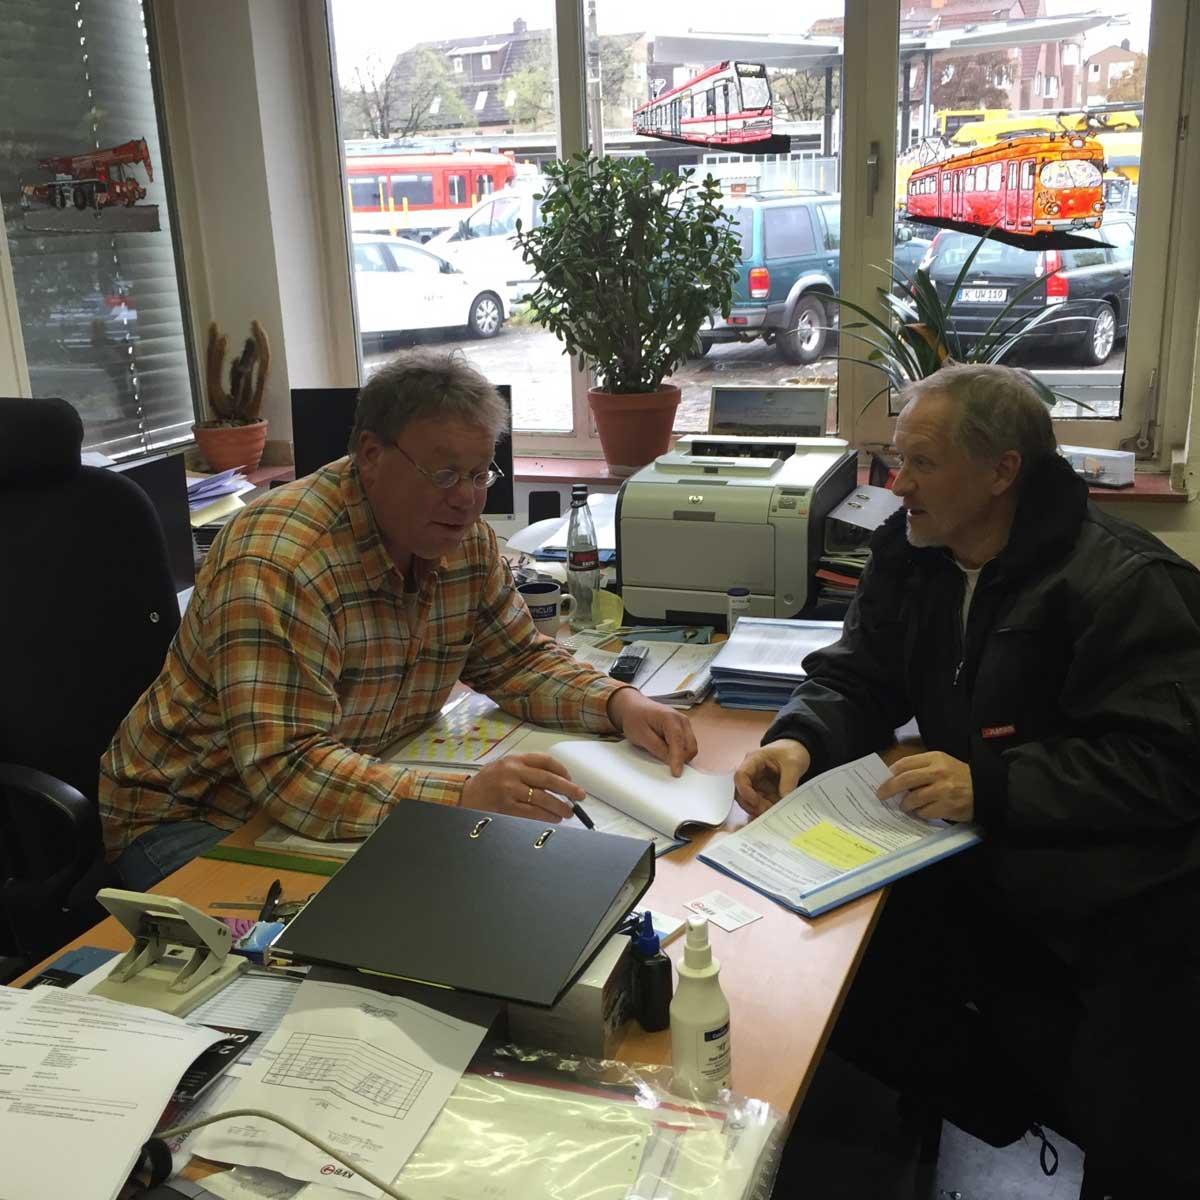 Dienstellenleiter Stefan und Vorarbeiter Dirk bei einer Arbeitsbesprechung im Büro.